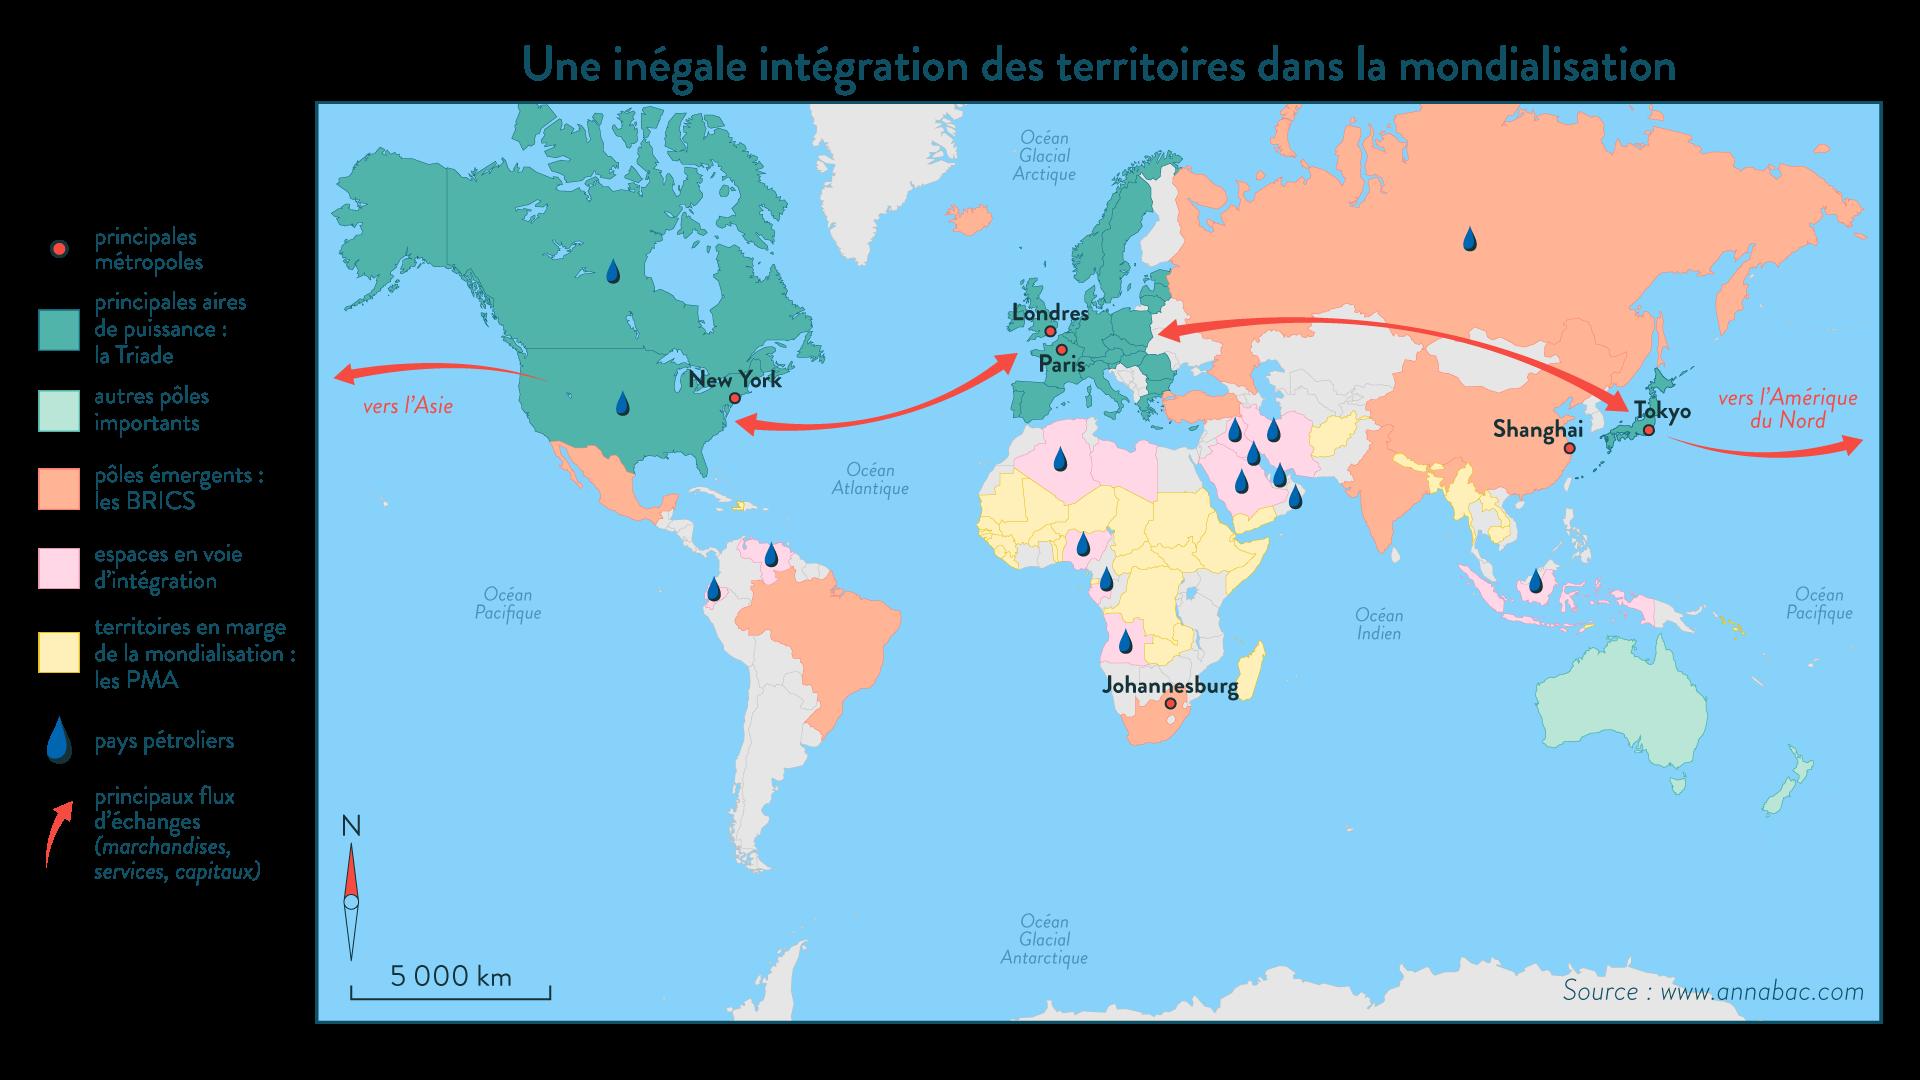 Une inégale intégration des territoires dans la mondialisation